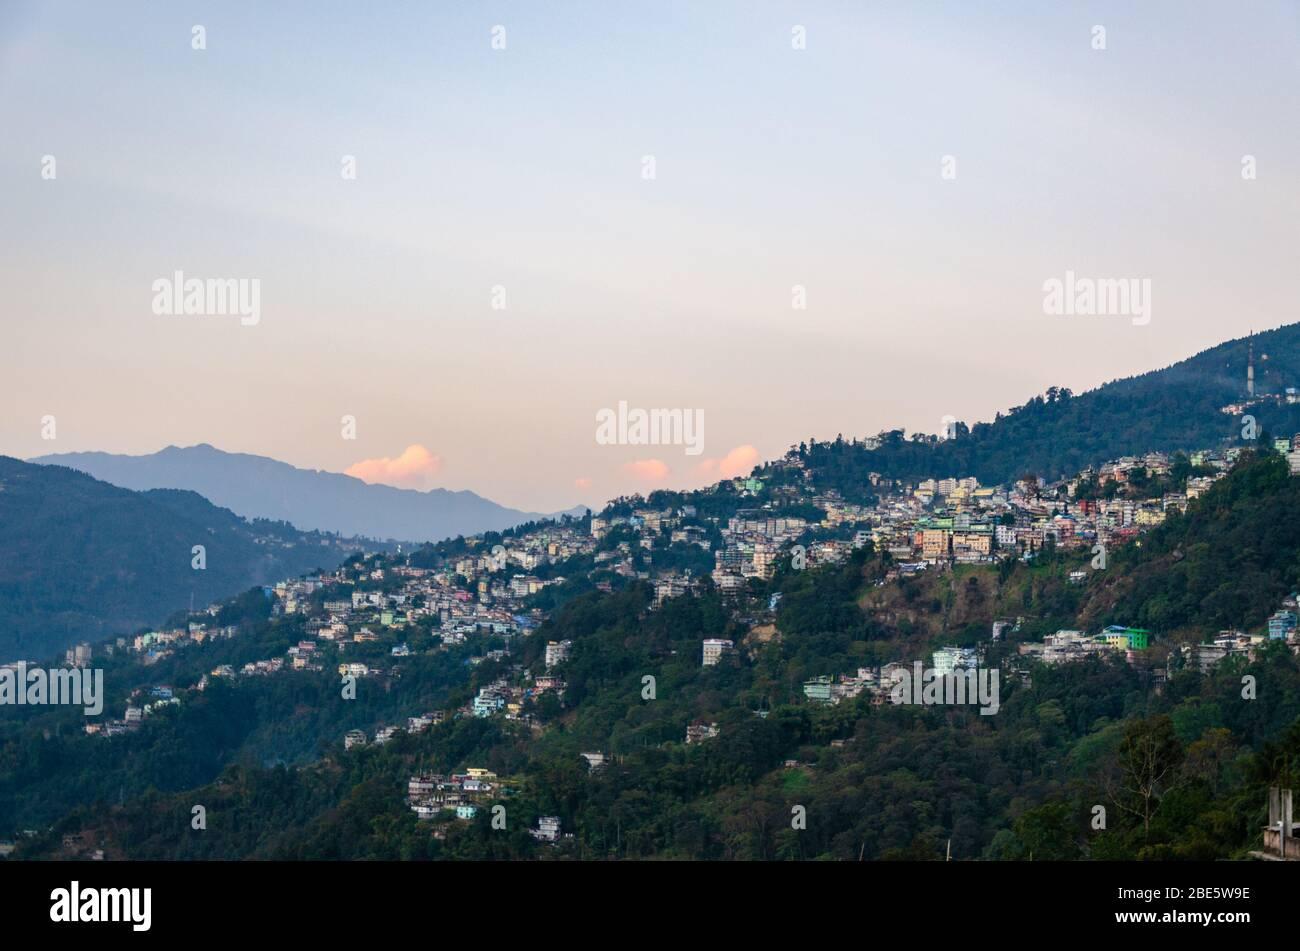 Bella vista della città di Gangtok immerso nelle montagne, durante il tramonto in Sikkim, India Foto Stock